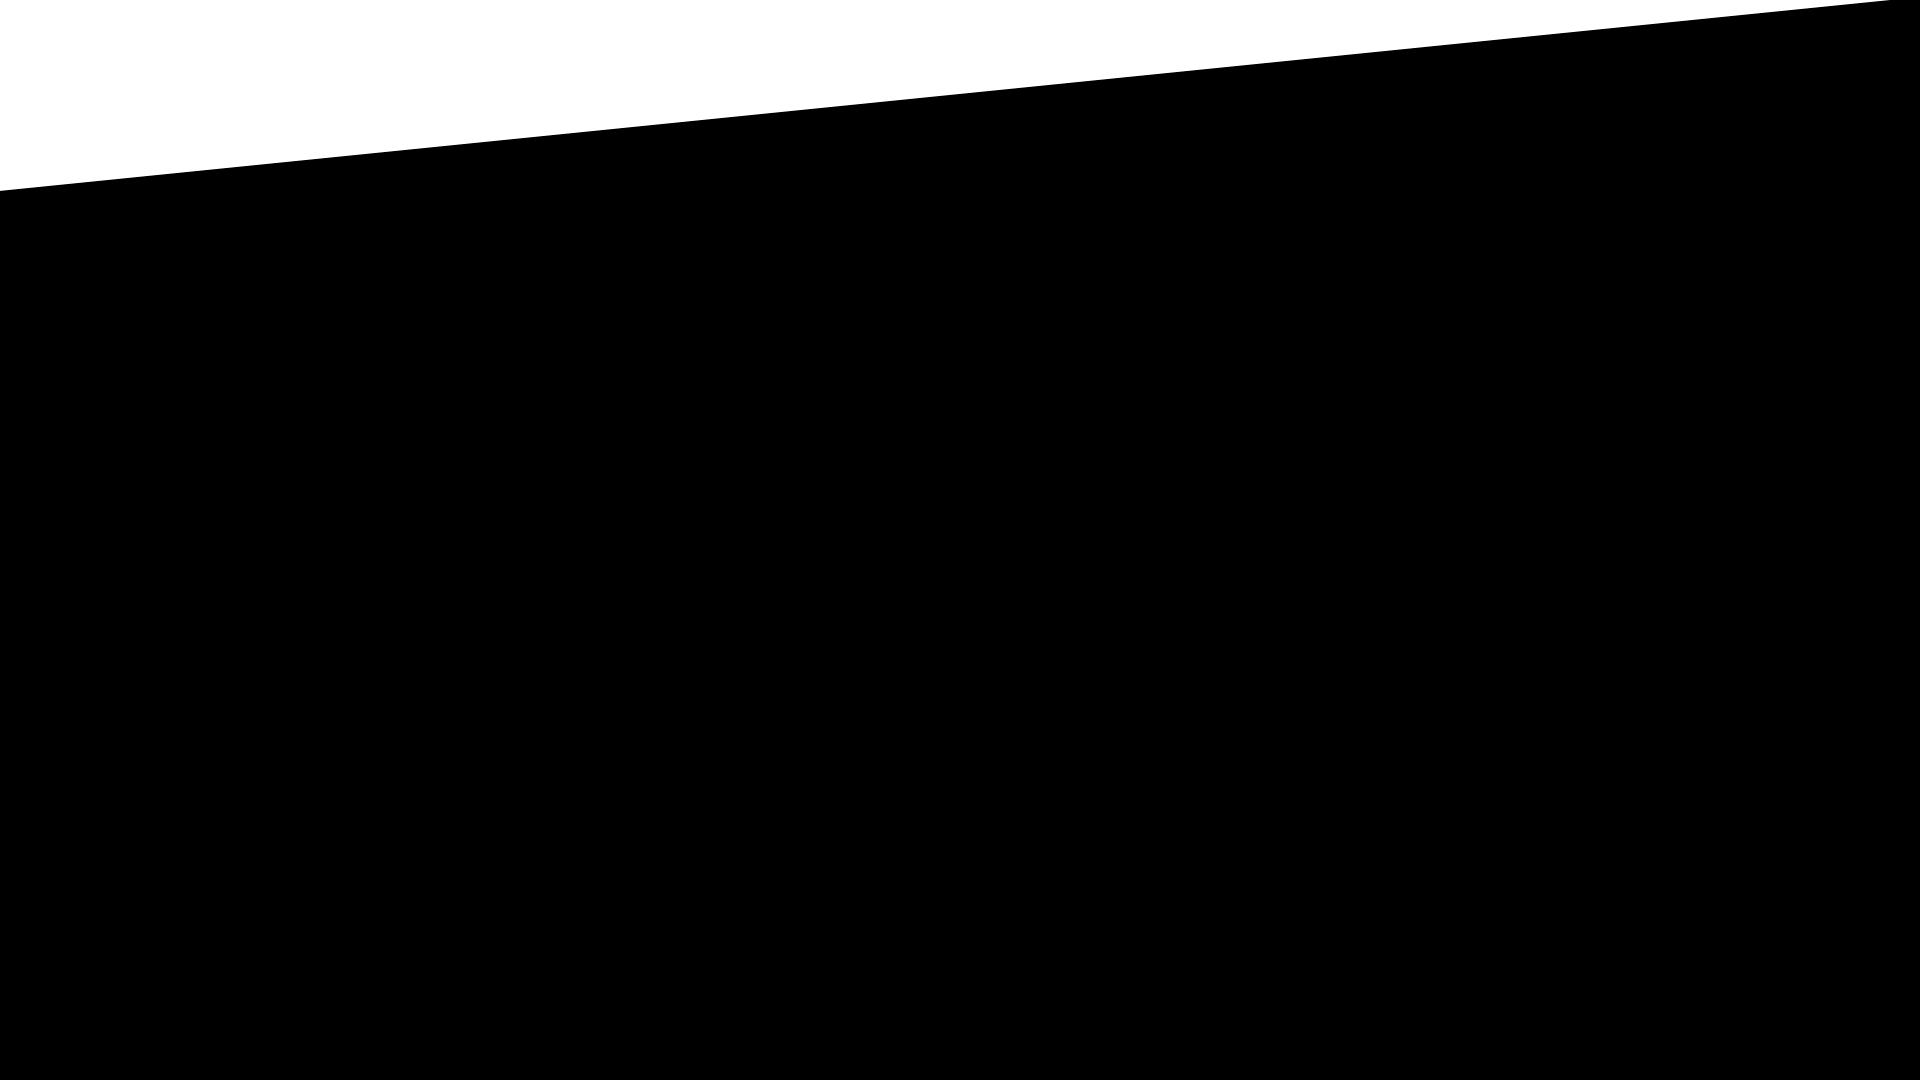 fascia obliqua - Copia.png